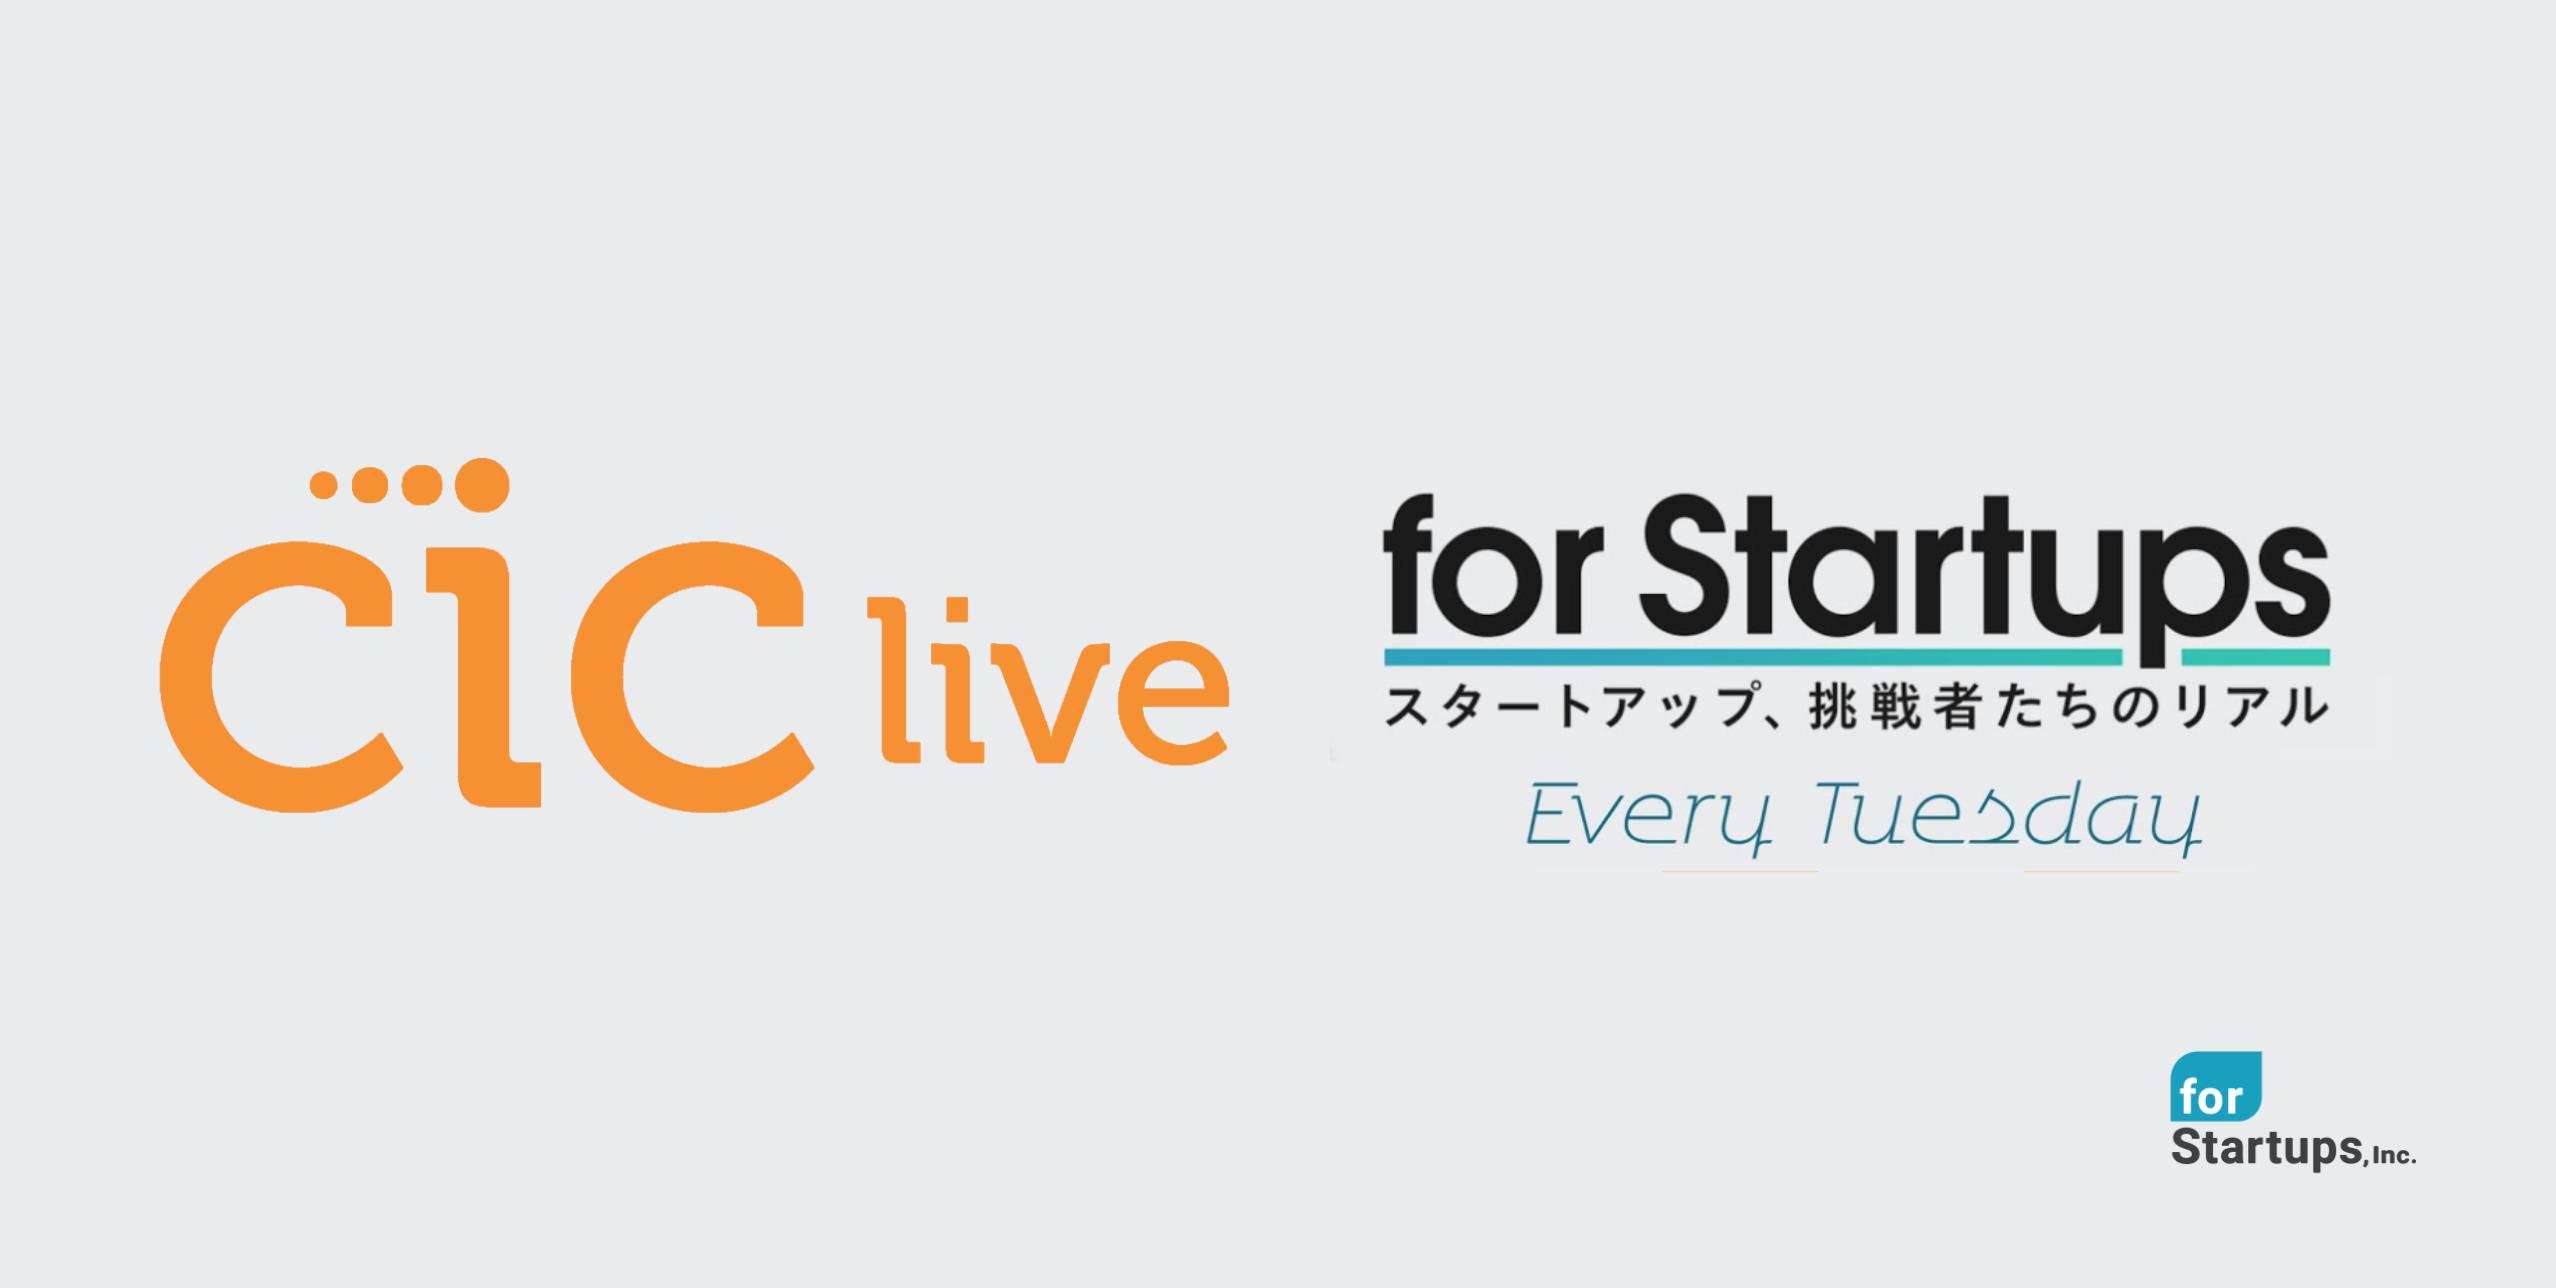 フォースタートアップス、オンラインラジオ配信「CIC LIVE」本格始動! 番組「for Startups - スタートアップ、挑戦者たちのリアル」